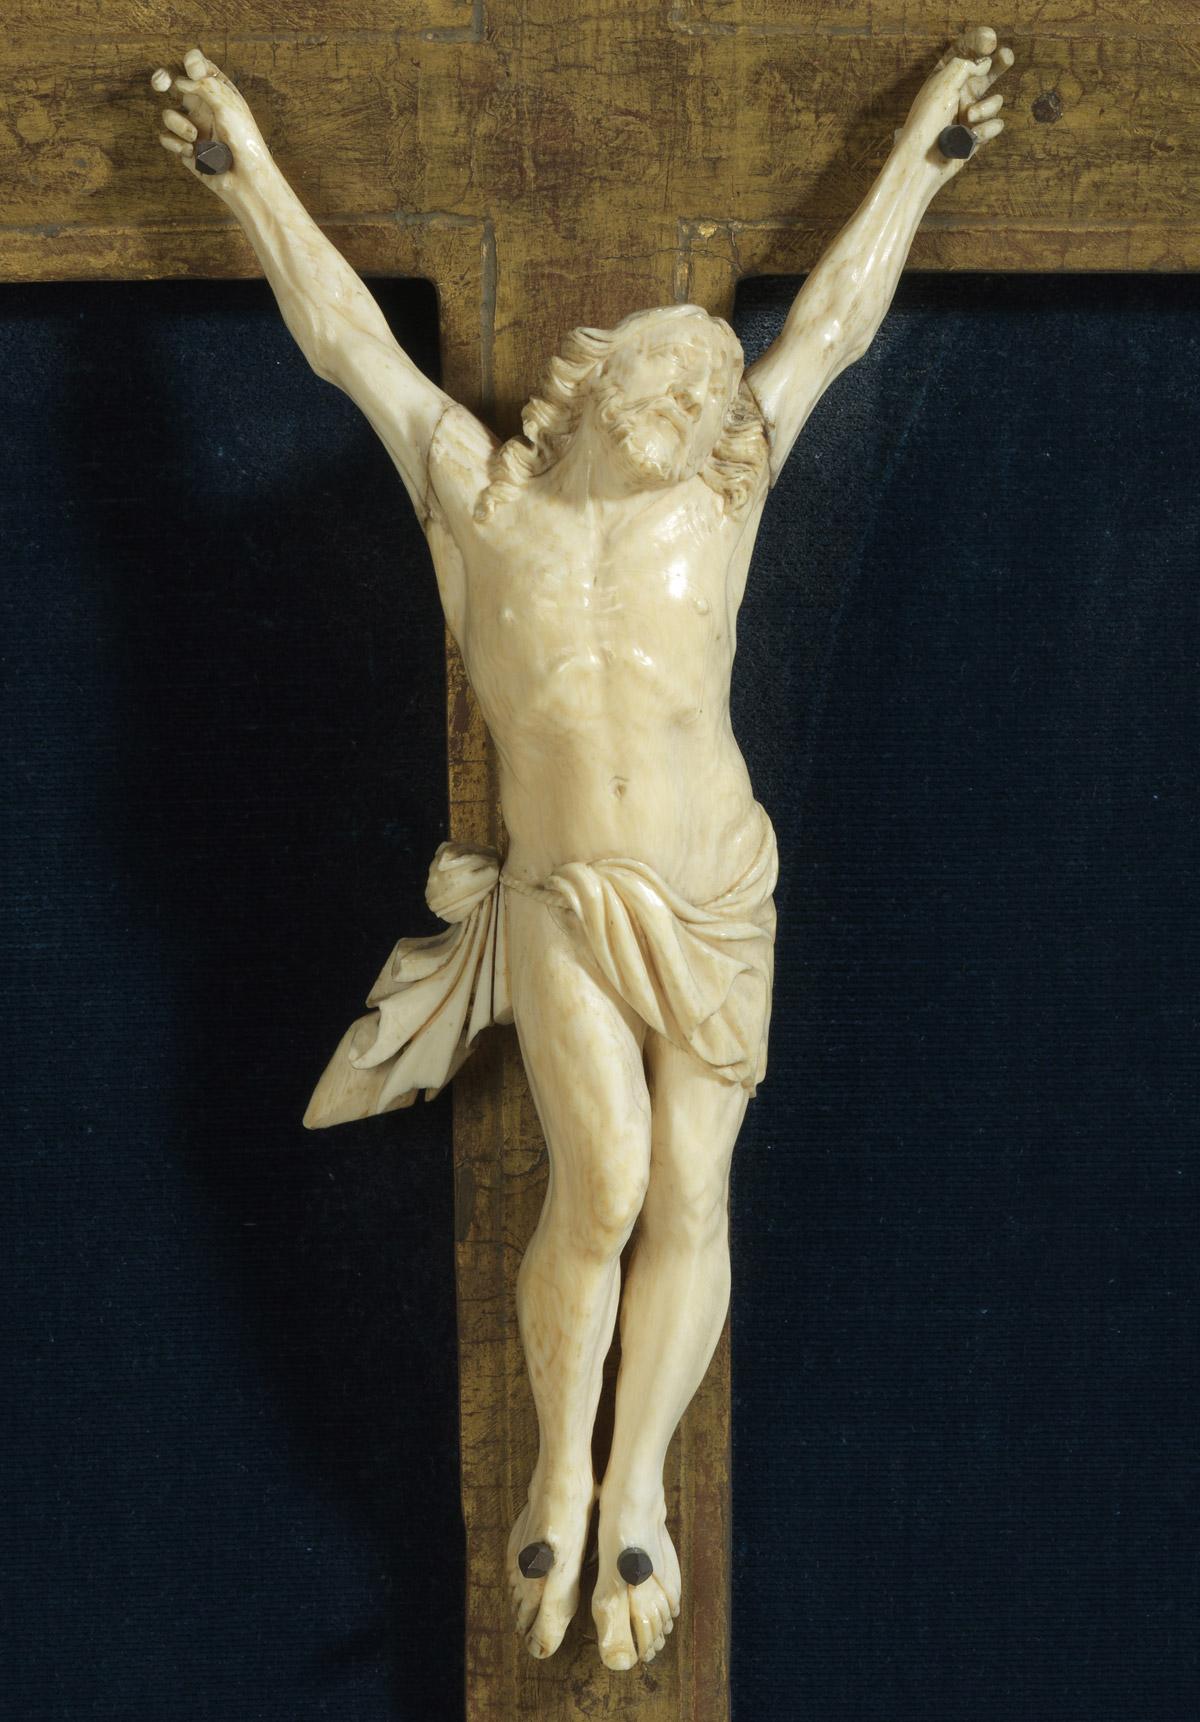 Christ ancien - Patrimoine Charles-André COLONNA WALEWSKI, en ligne directe de Napoléon